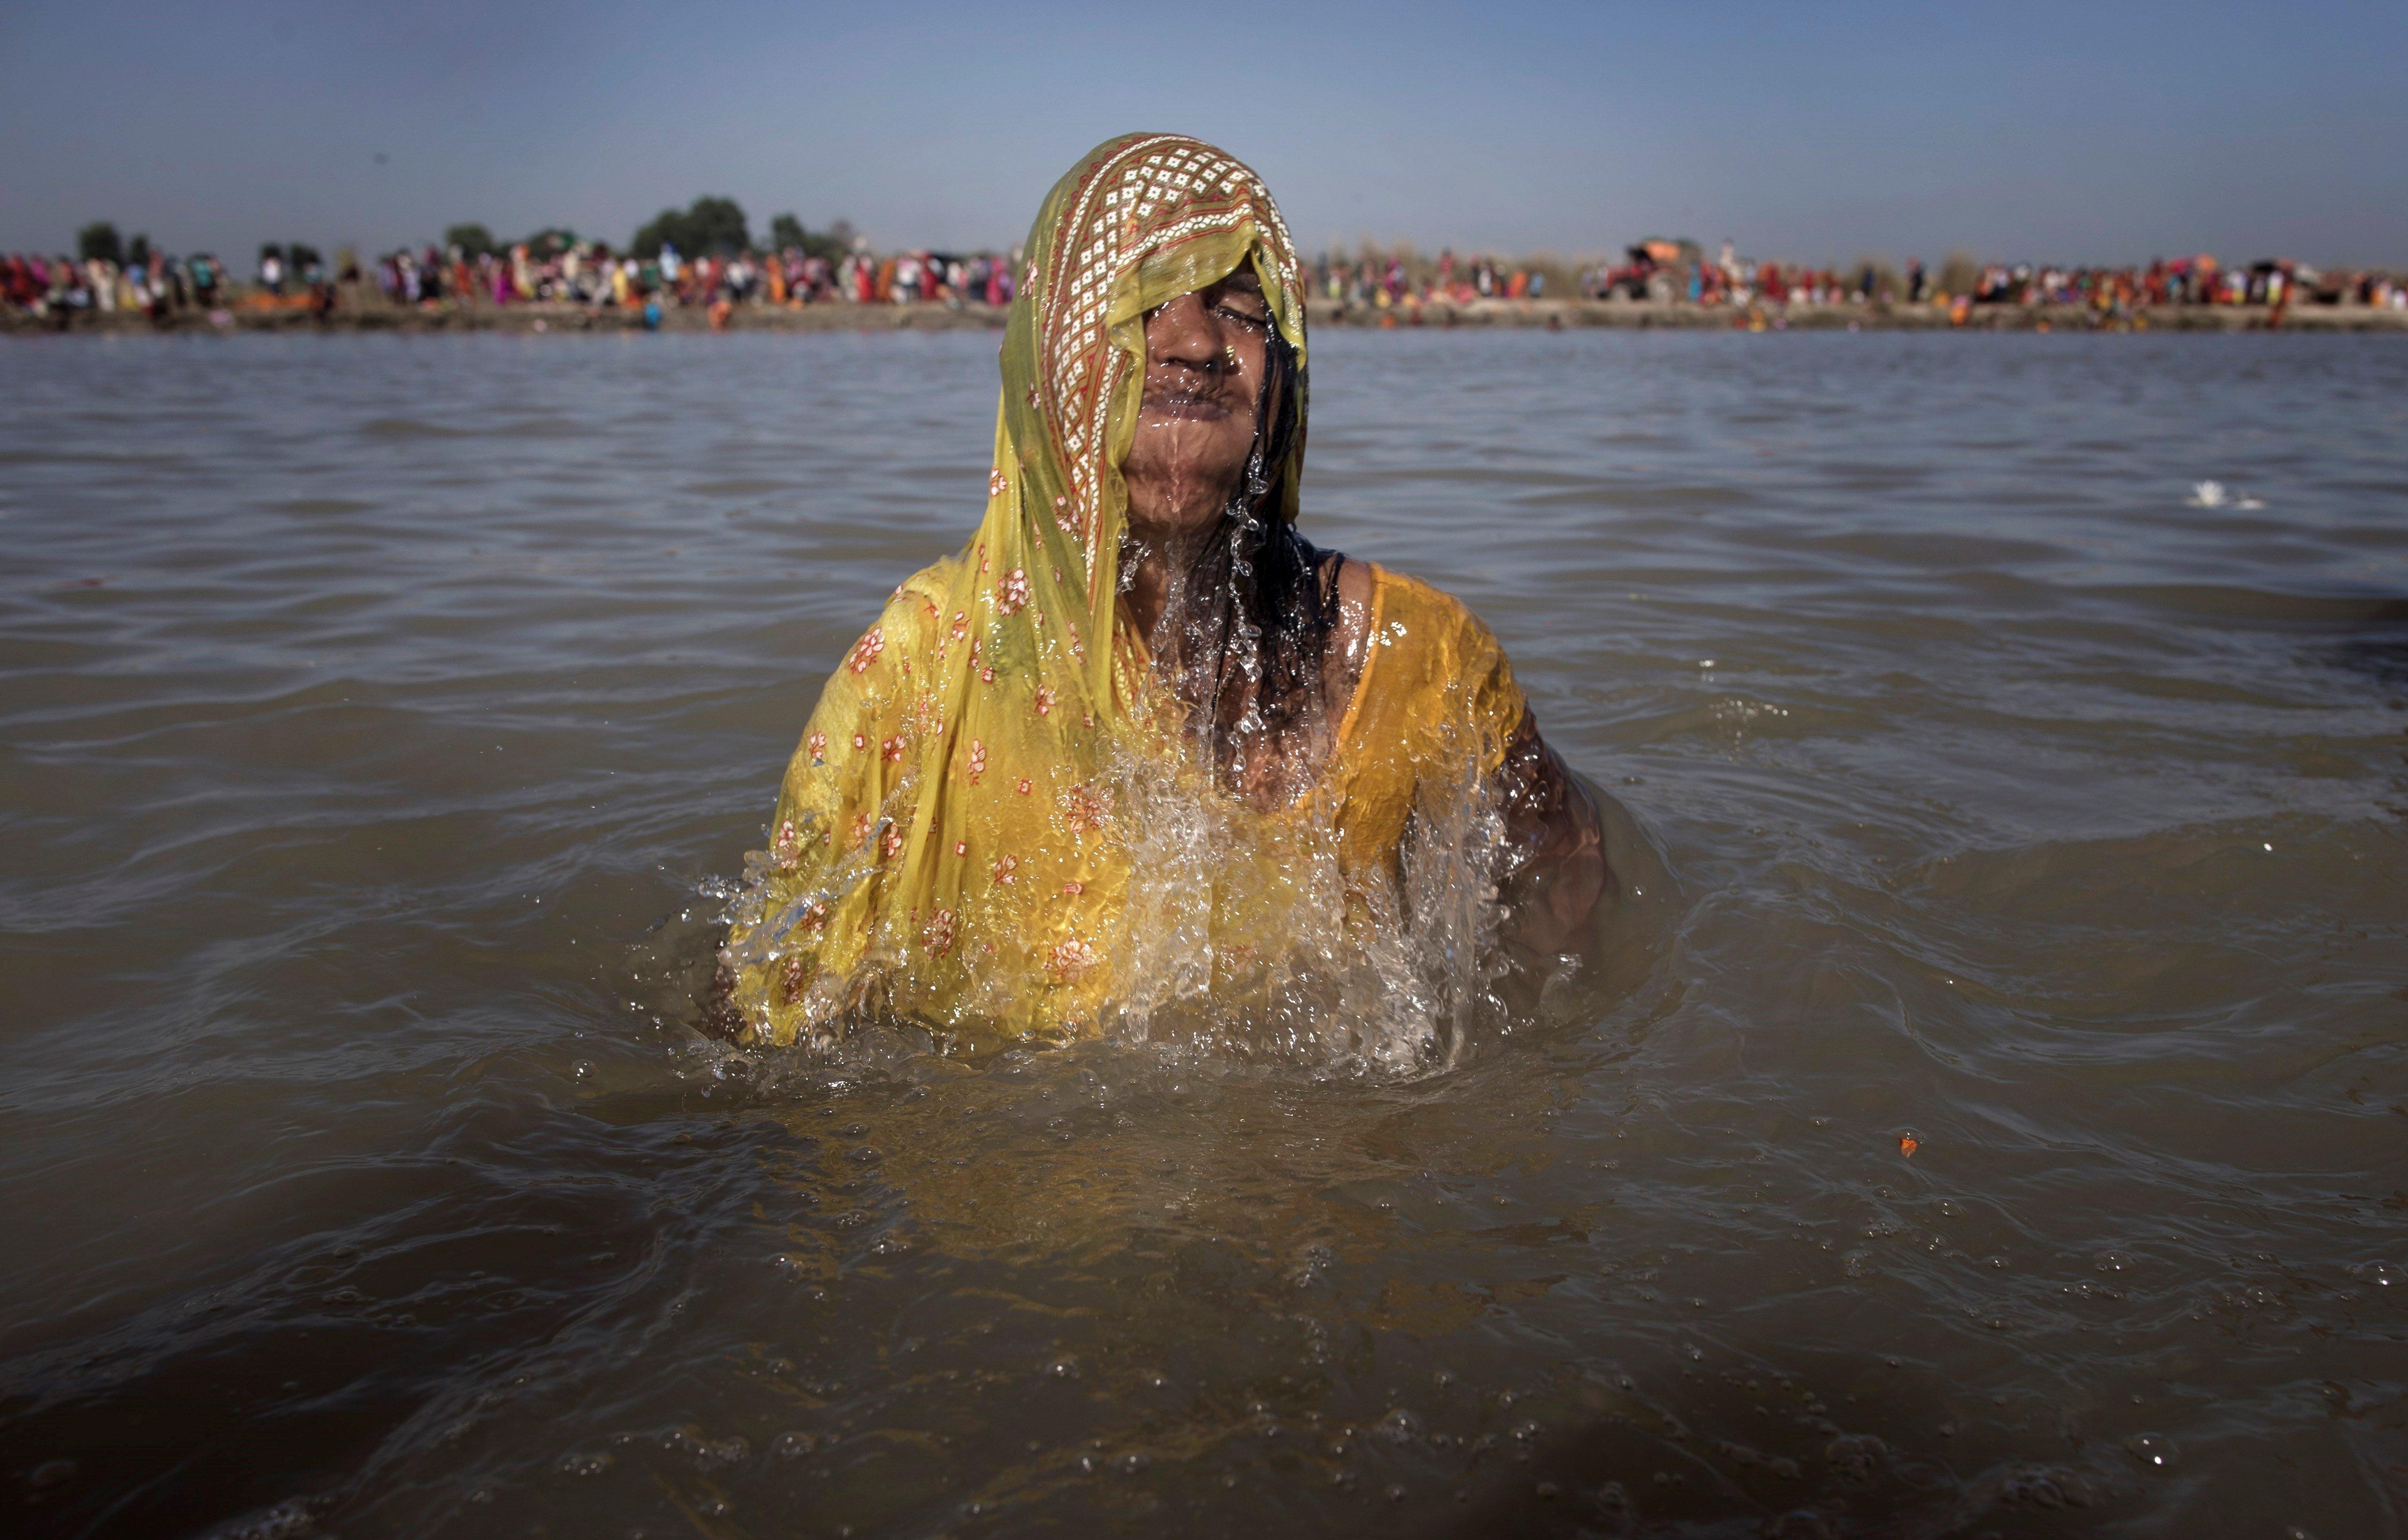 """Marani Devi Chaudhary, de 40 anys i que creu estar posseïda per un esperit maligne, es pren un bany sagrat un dia de lluna plena durant la celebració del """"Festival dels fantasmes"""", al riu Kamala en el districte de Danusha (Nepal). /NARENDRA SHRESTHA"""